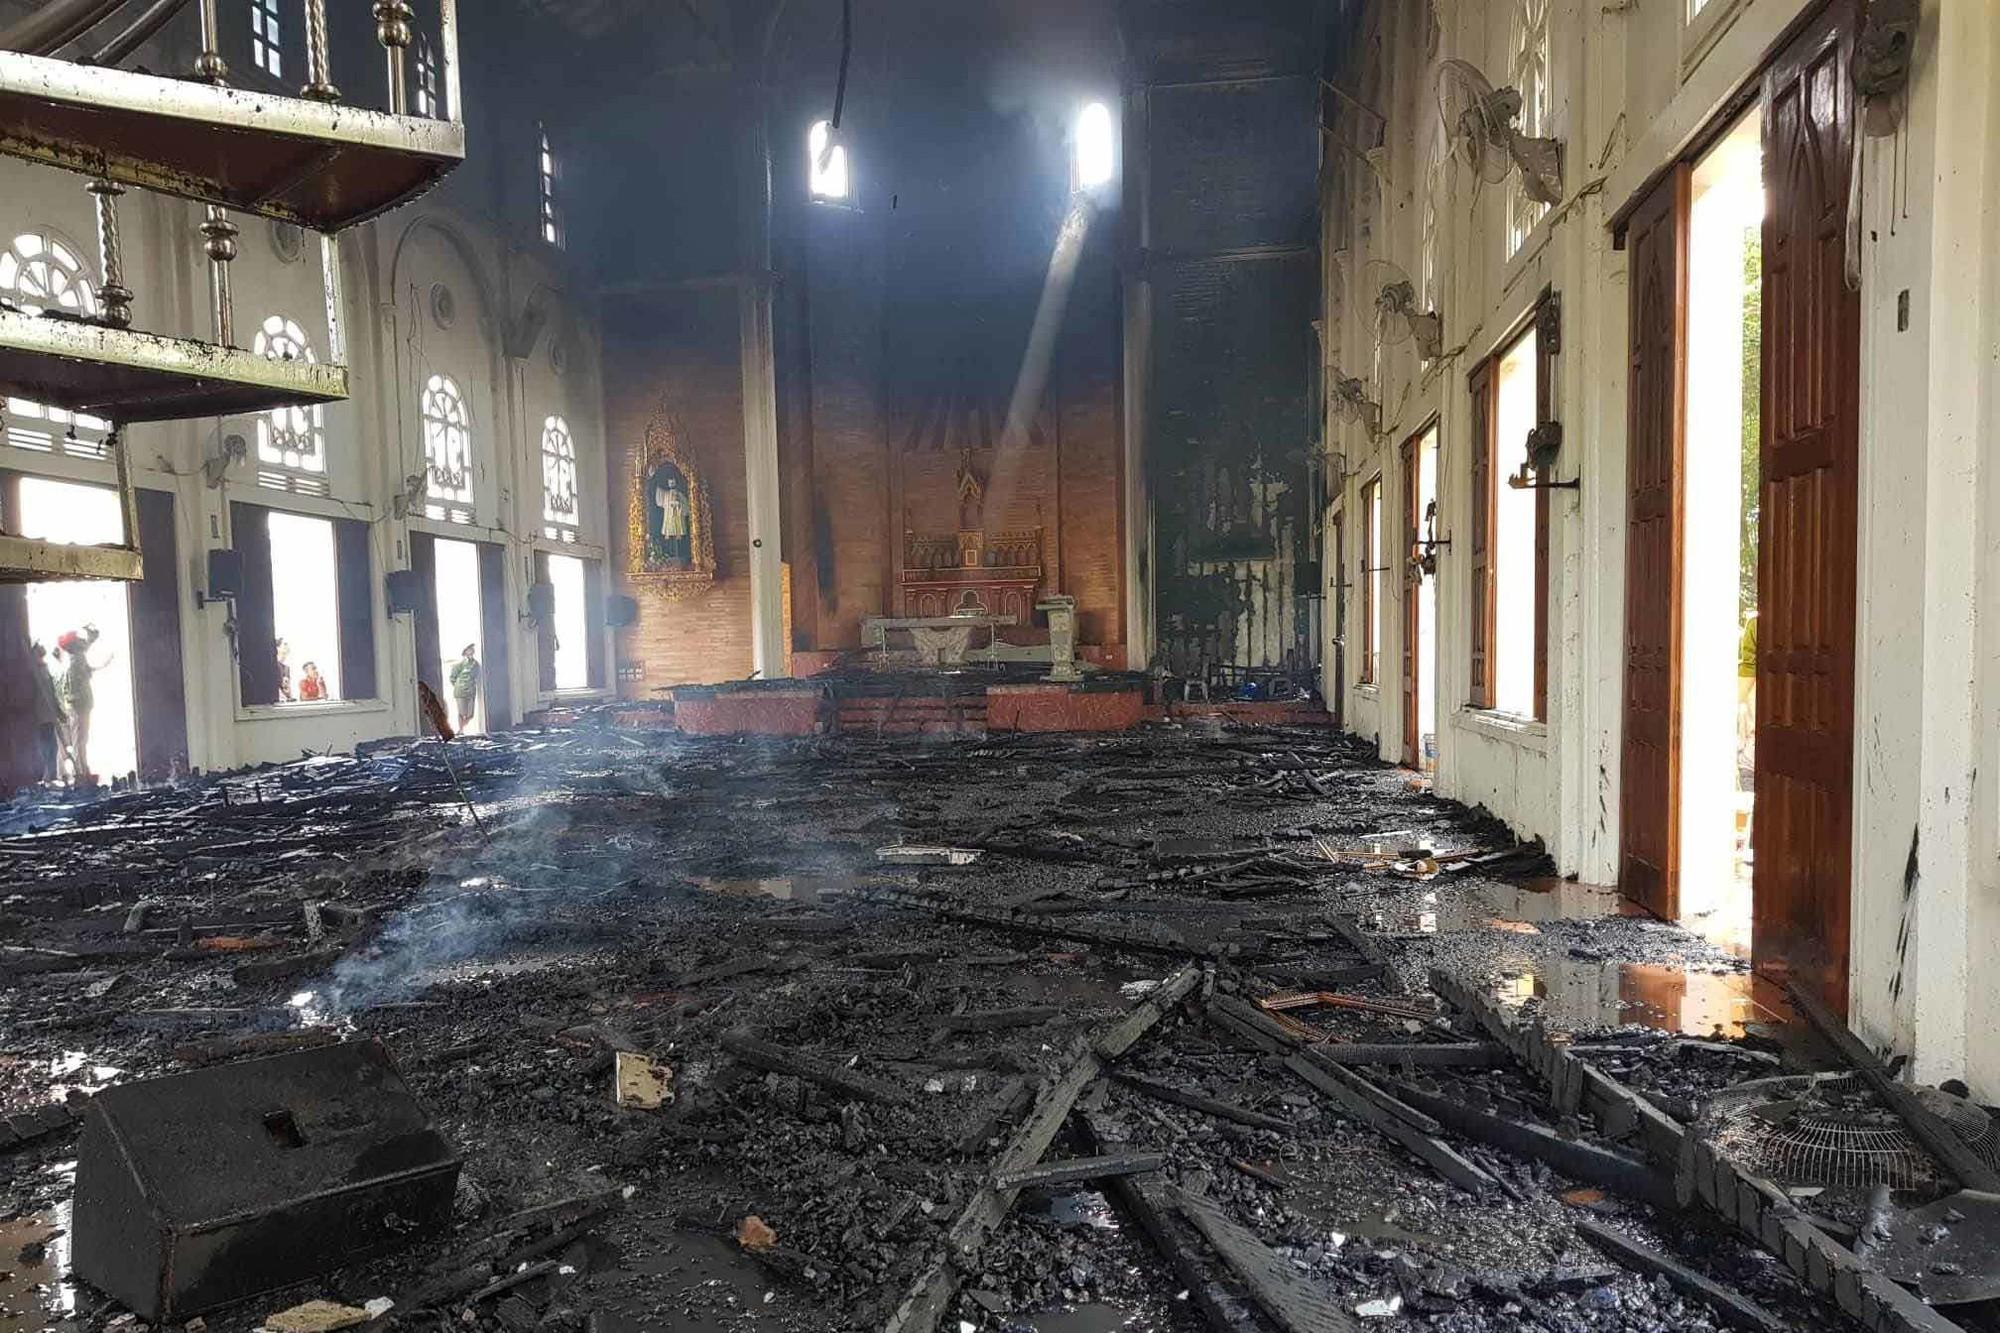 Cháy nhà thờ Hà Tĩnh, nhiều tài sản bên trong bị thiêu rụi - Ảnh 1.